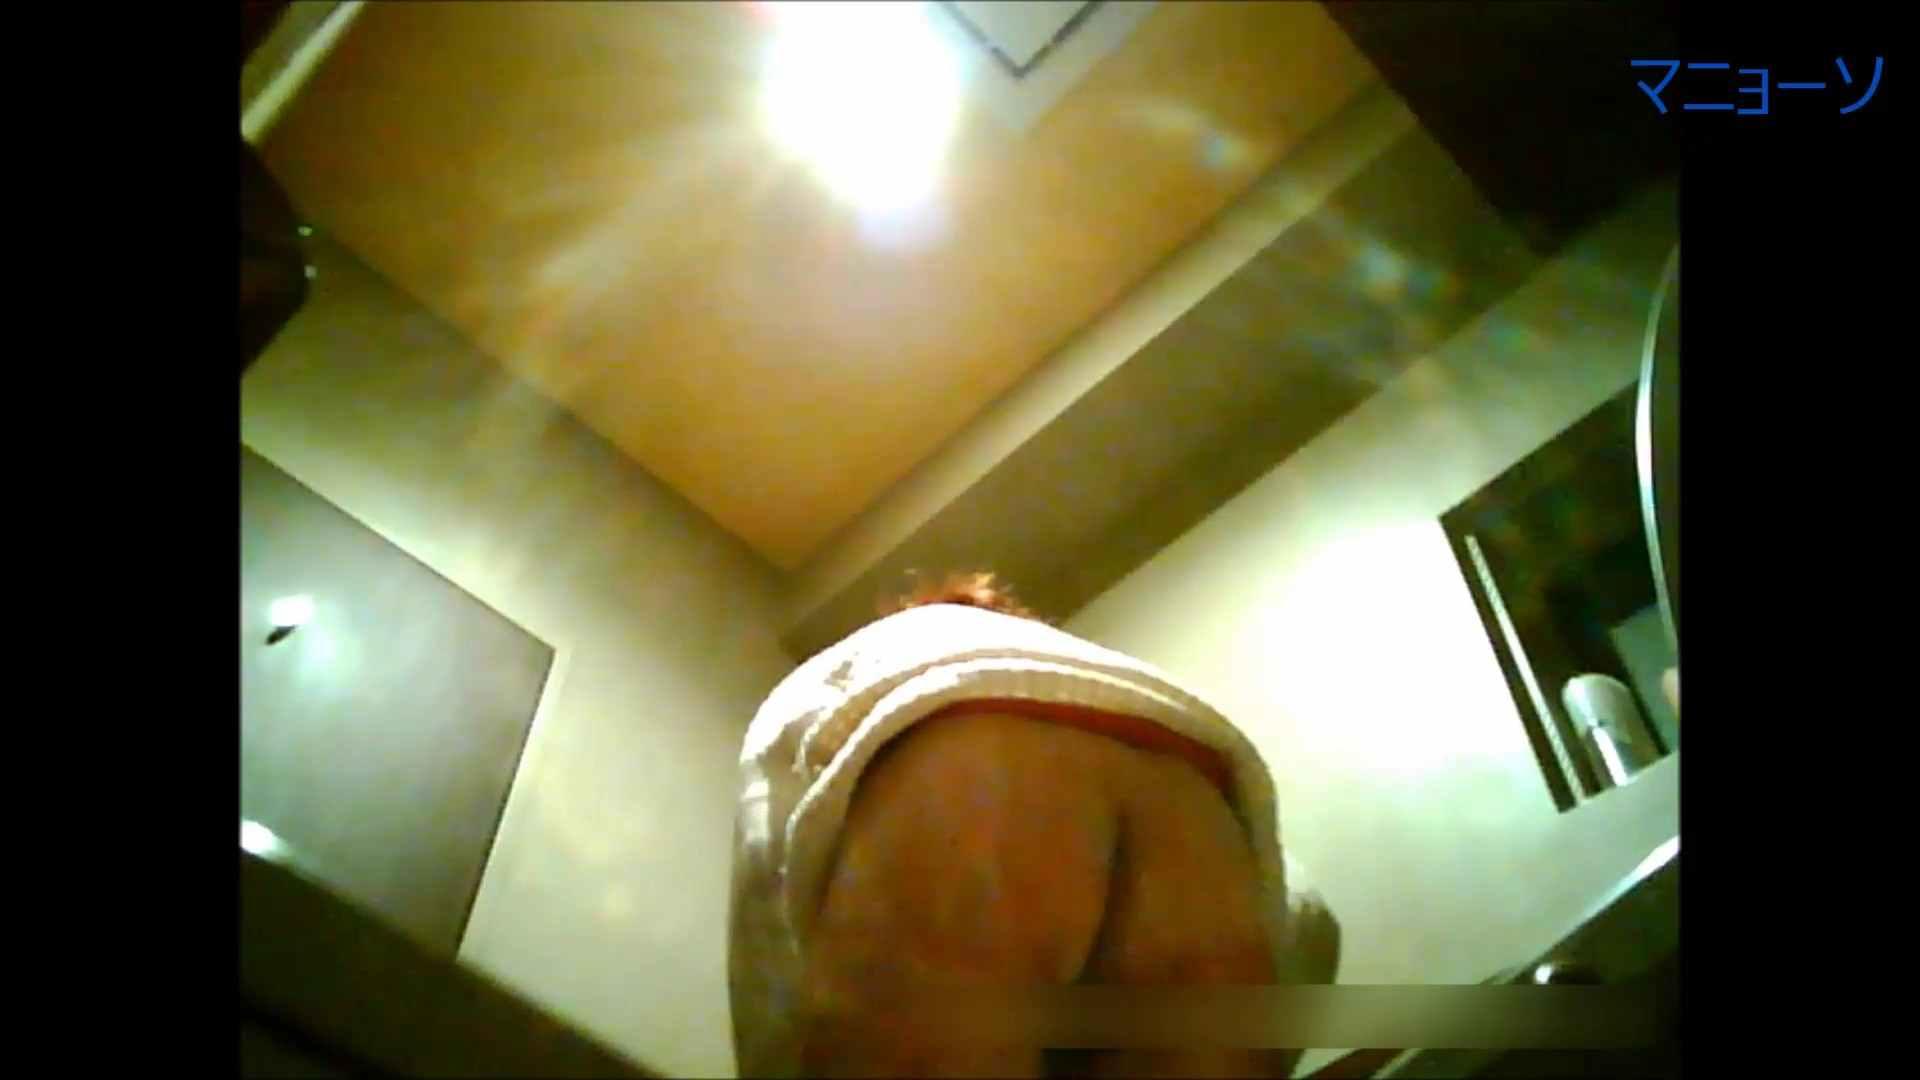 トイレでひと肌脱いでもらいました (JD編)Vol.02 丸見え AV無料動画キャプチャ 83画像 16